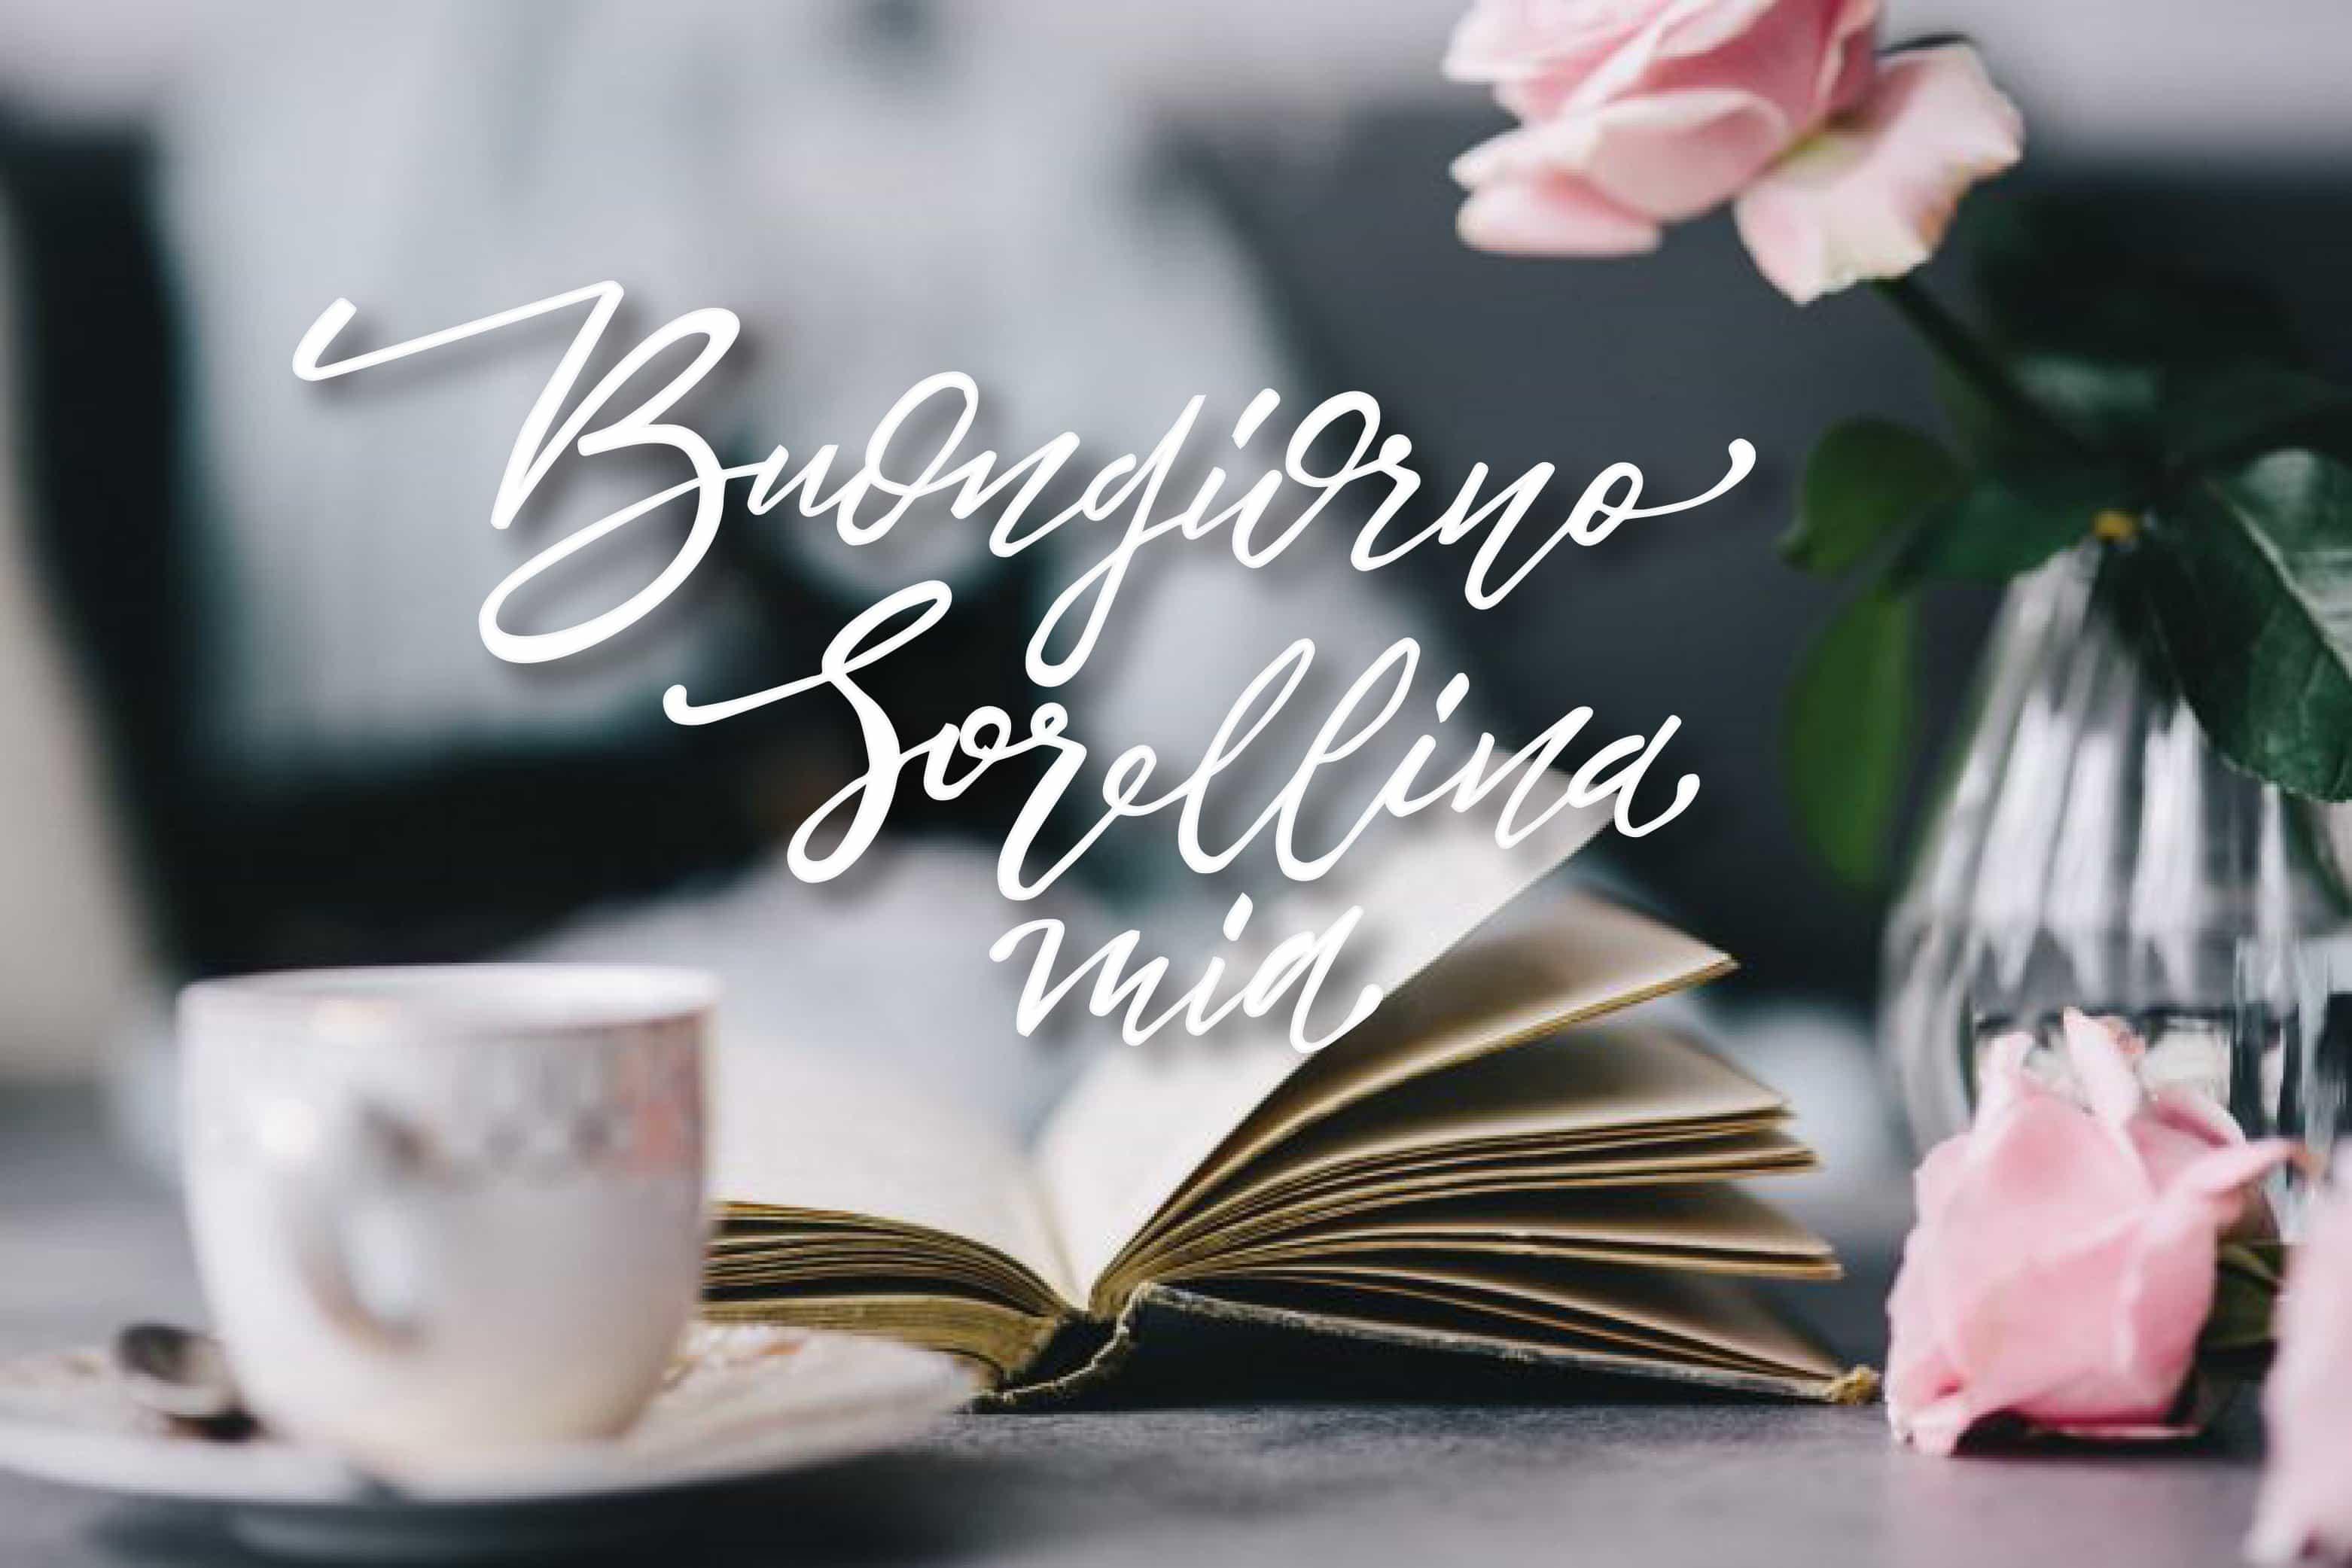 Buona giornata a sorella con caffe i fiori